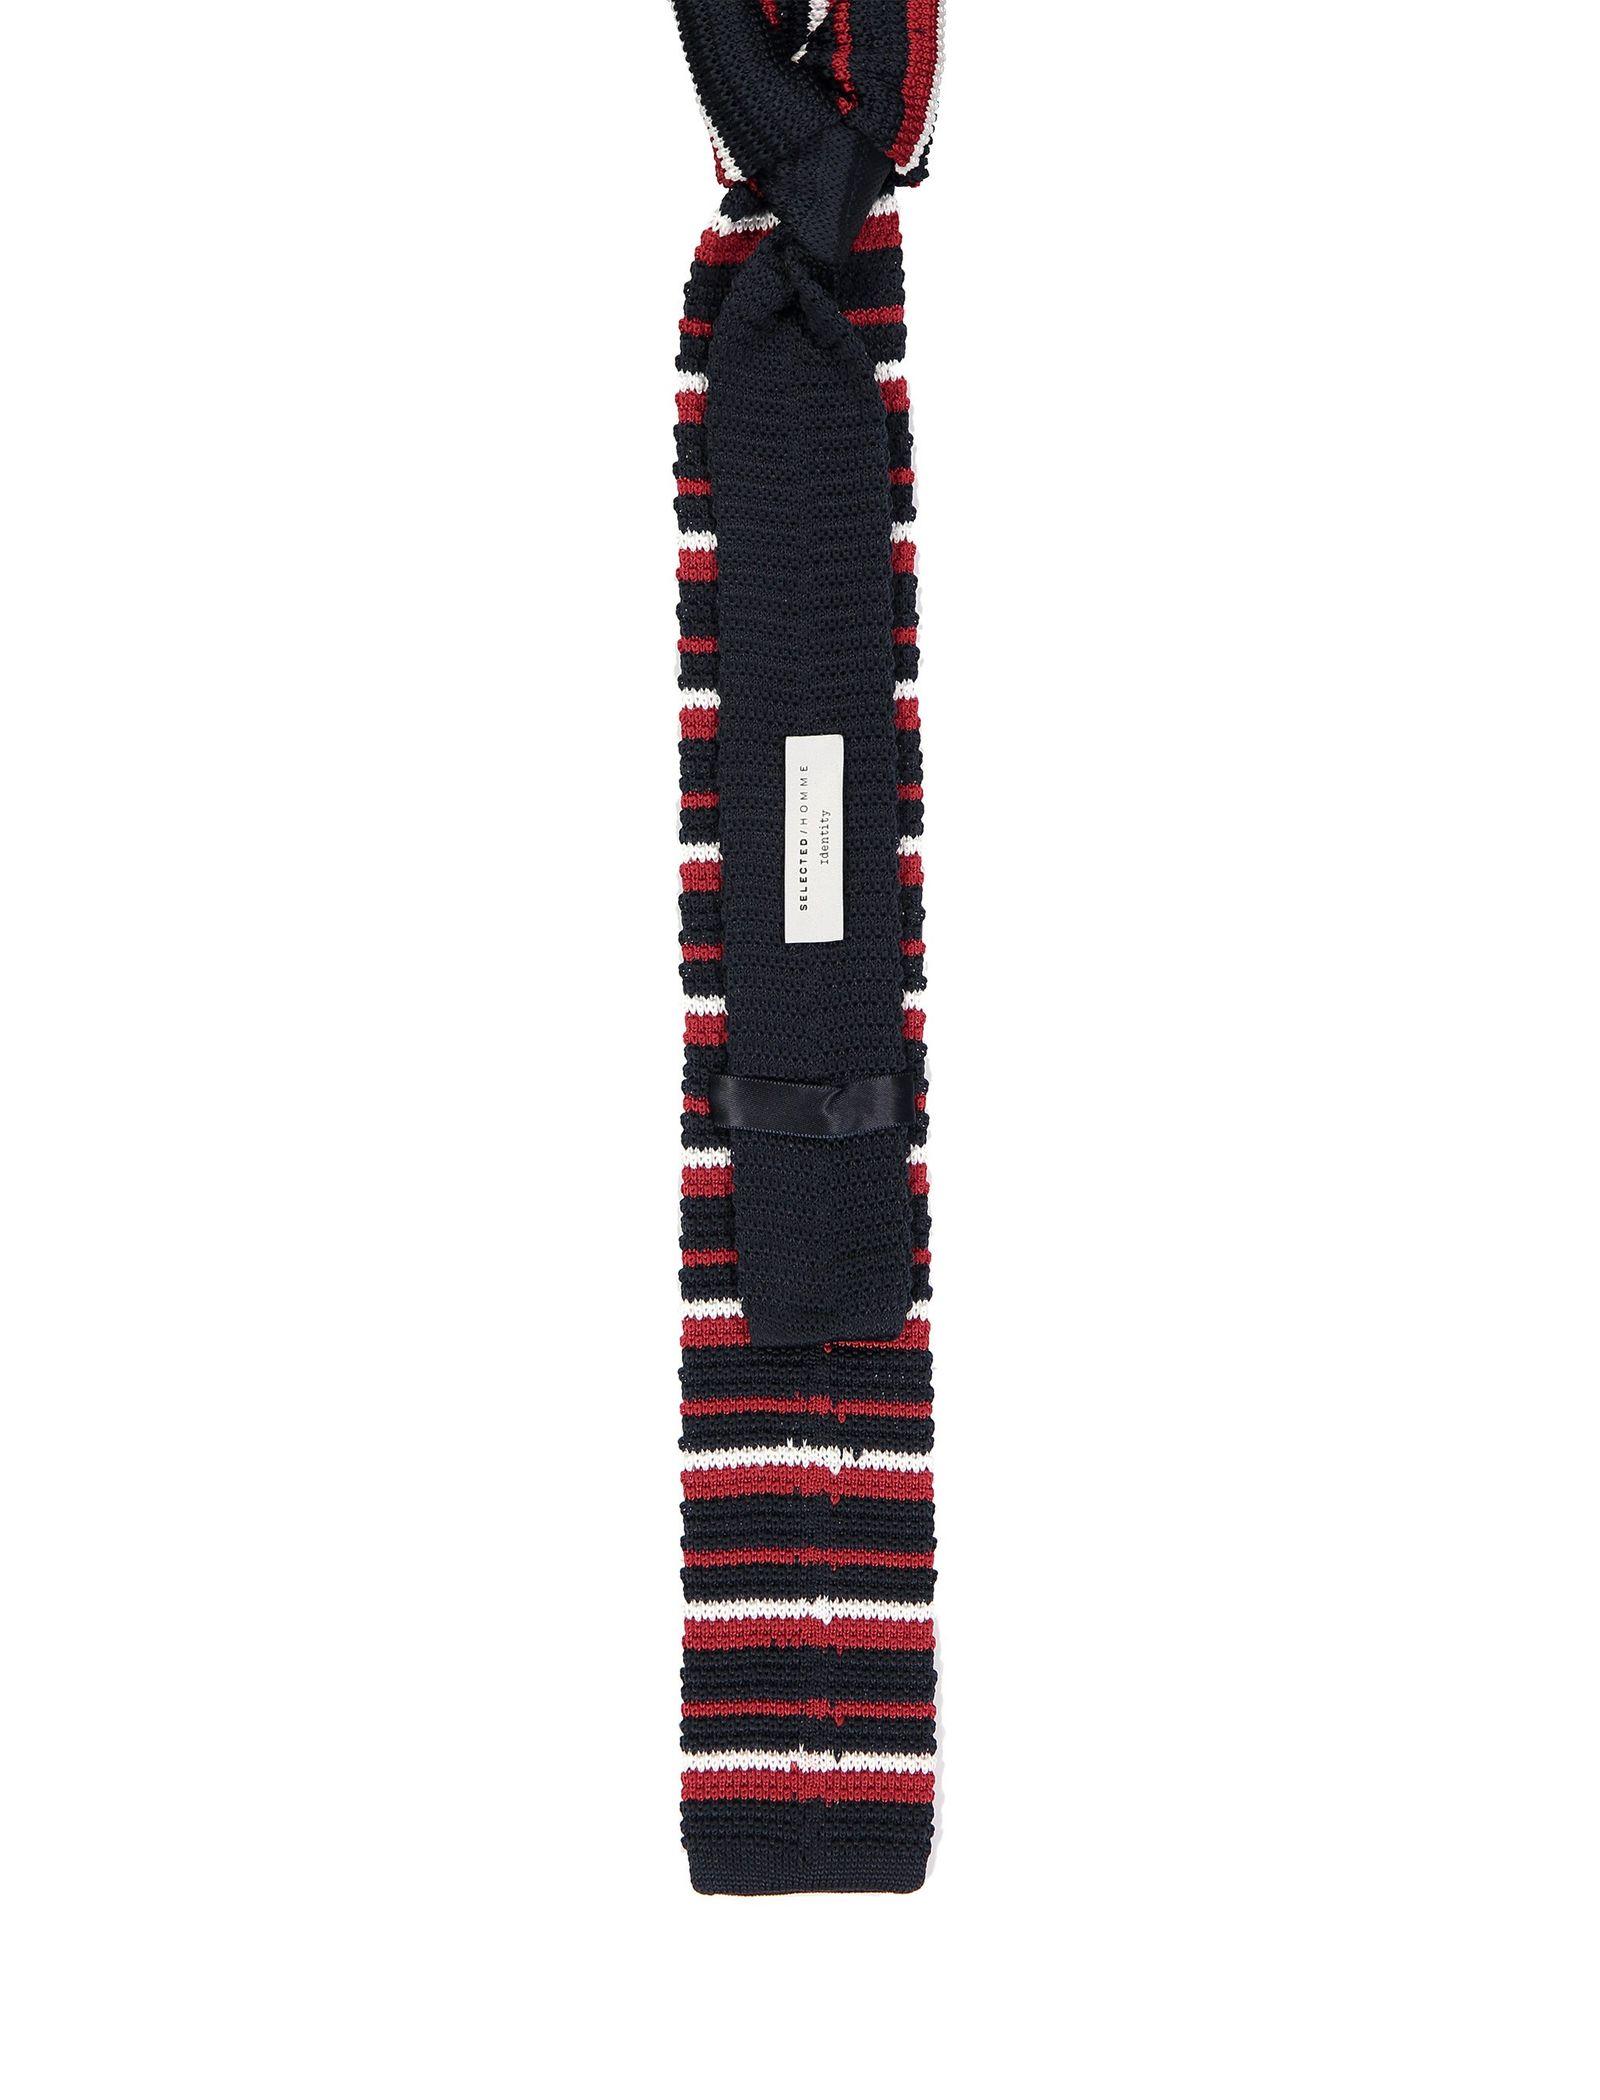 کراوات طرح دار مردانه - سلکتد - چند رنگ - 2